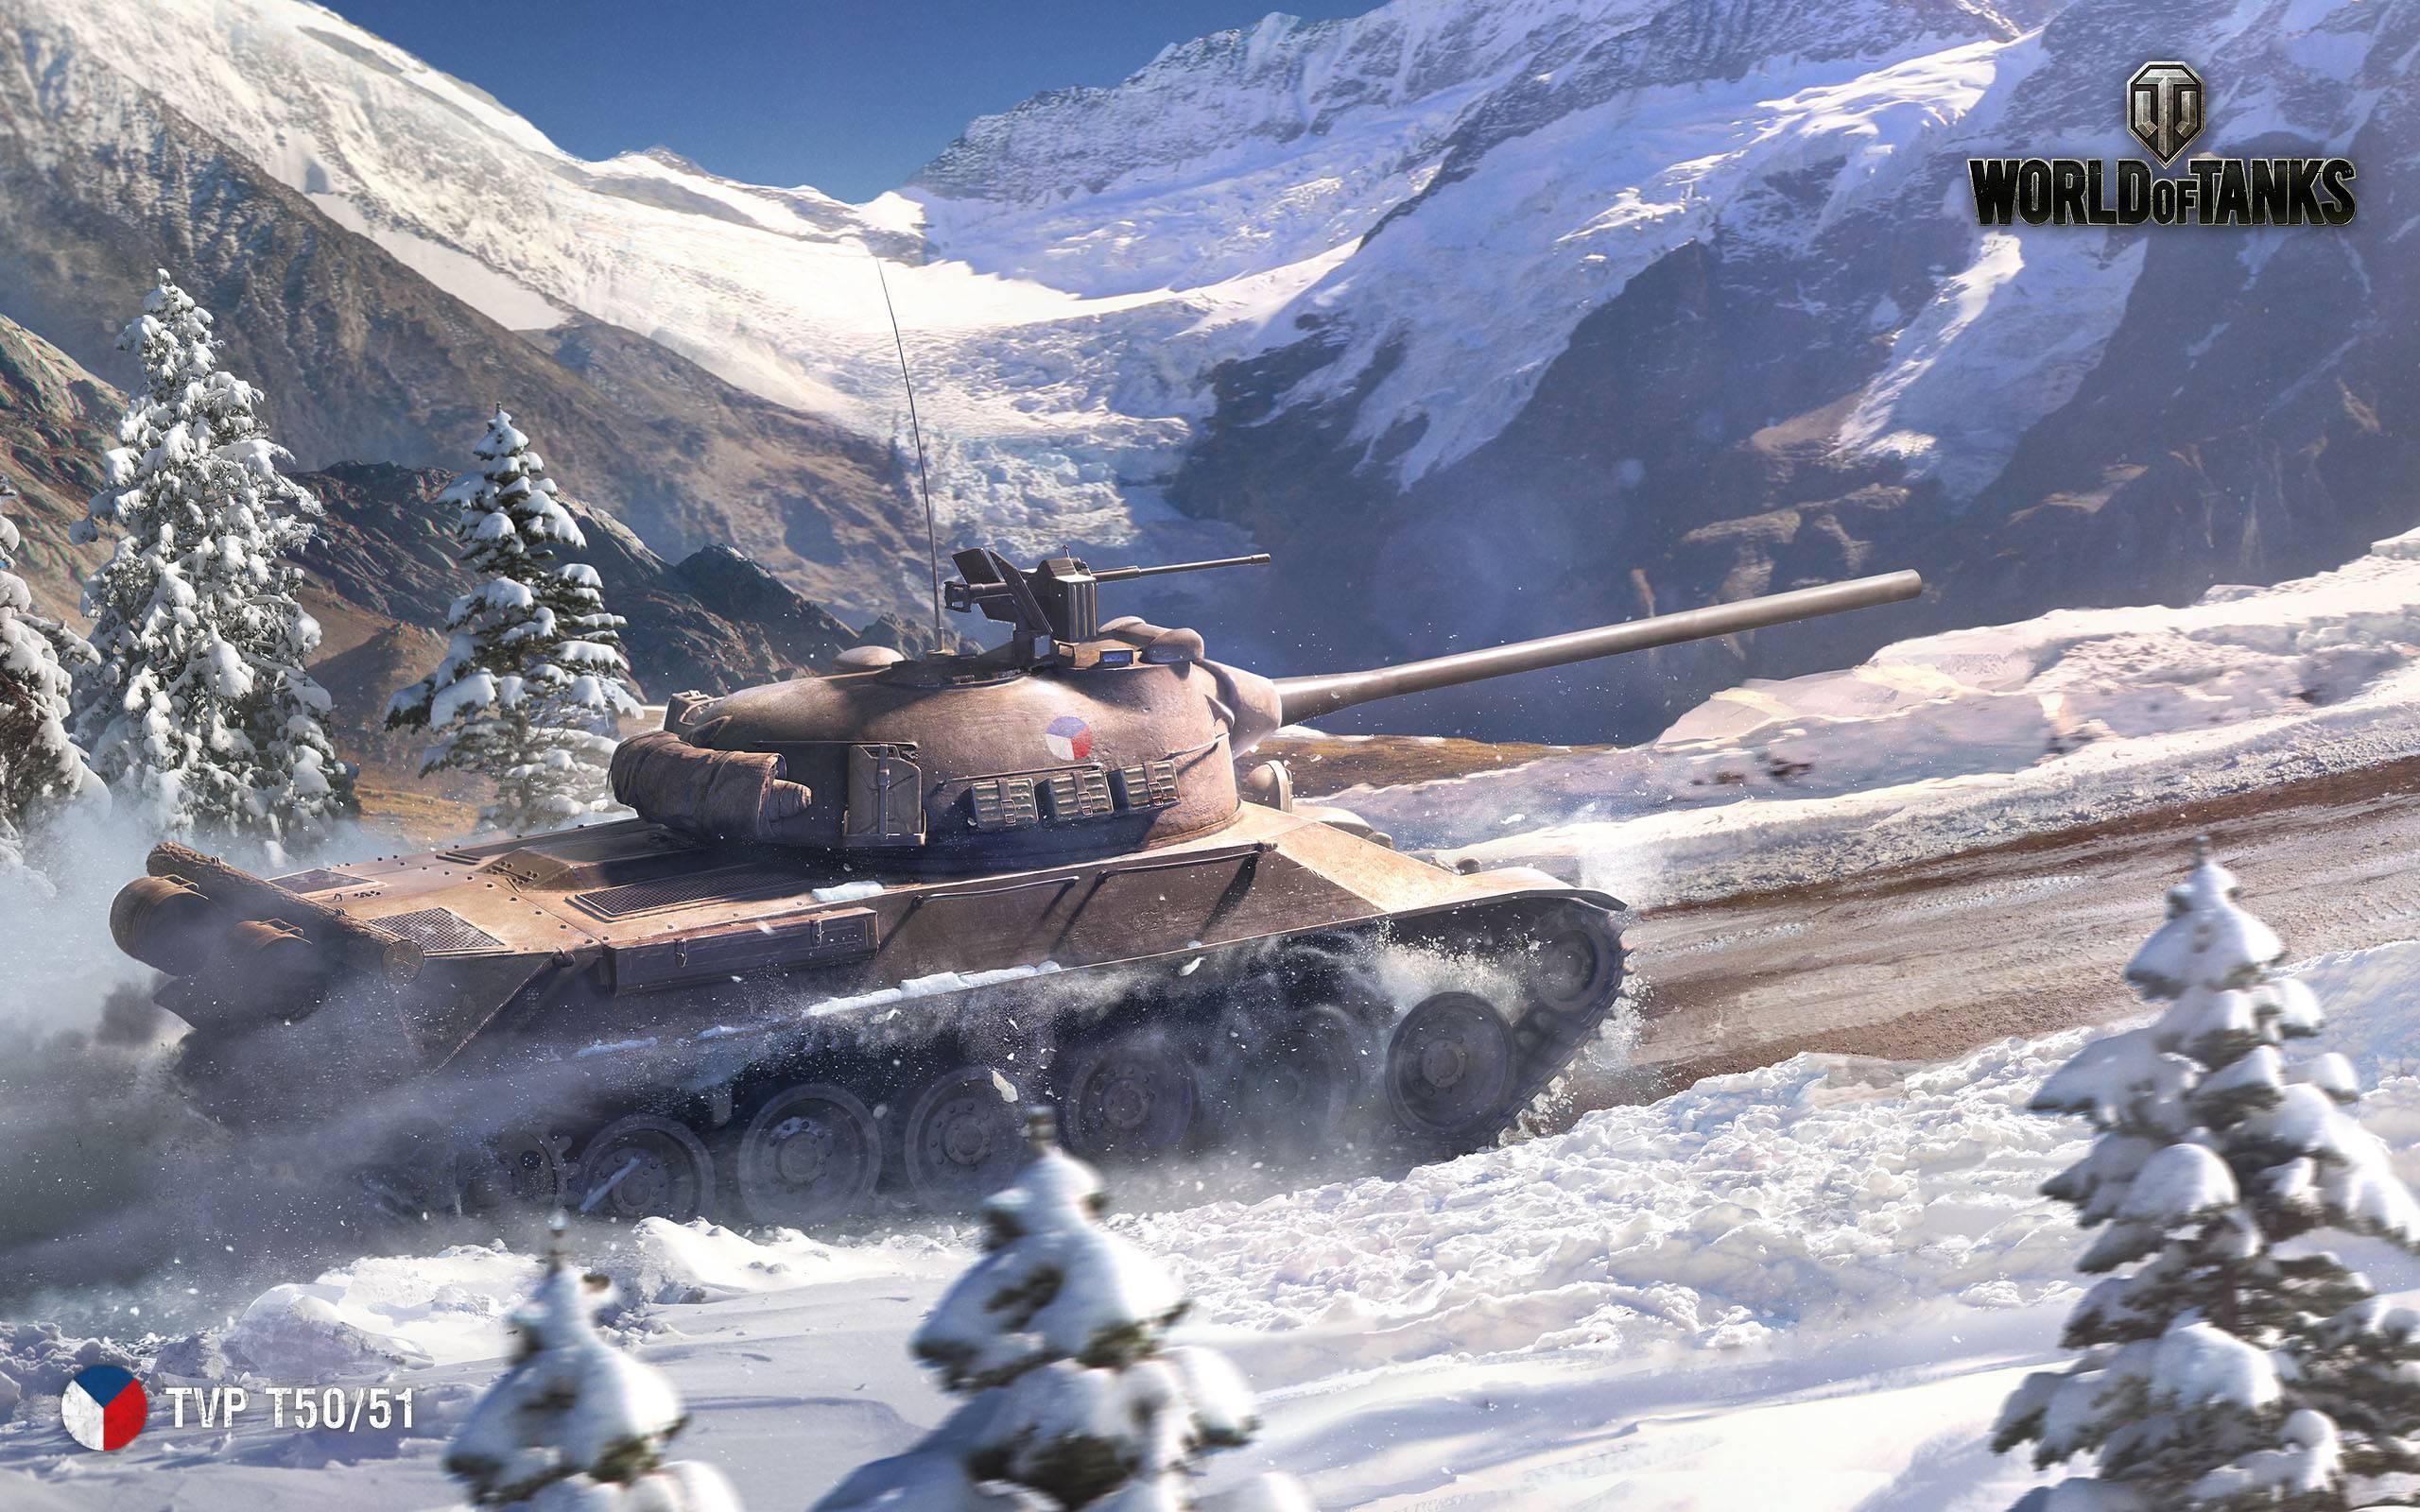 Обои С новым годом, world of tanks